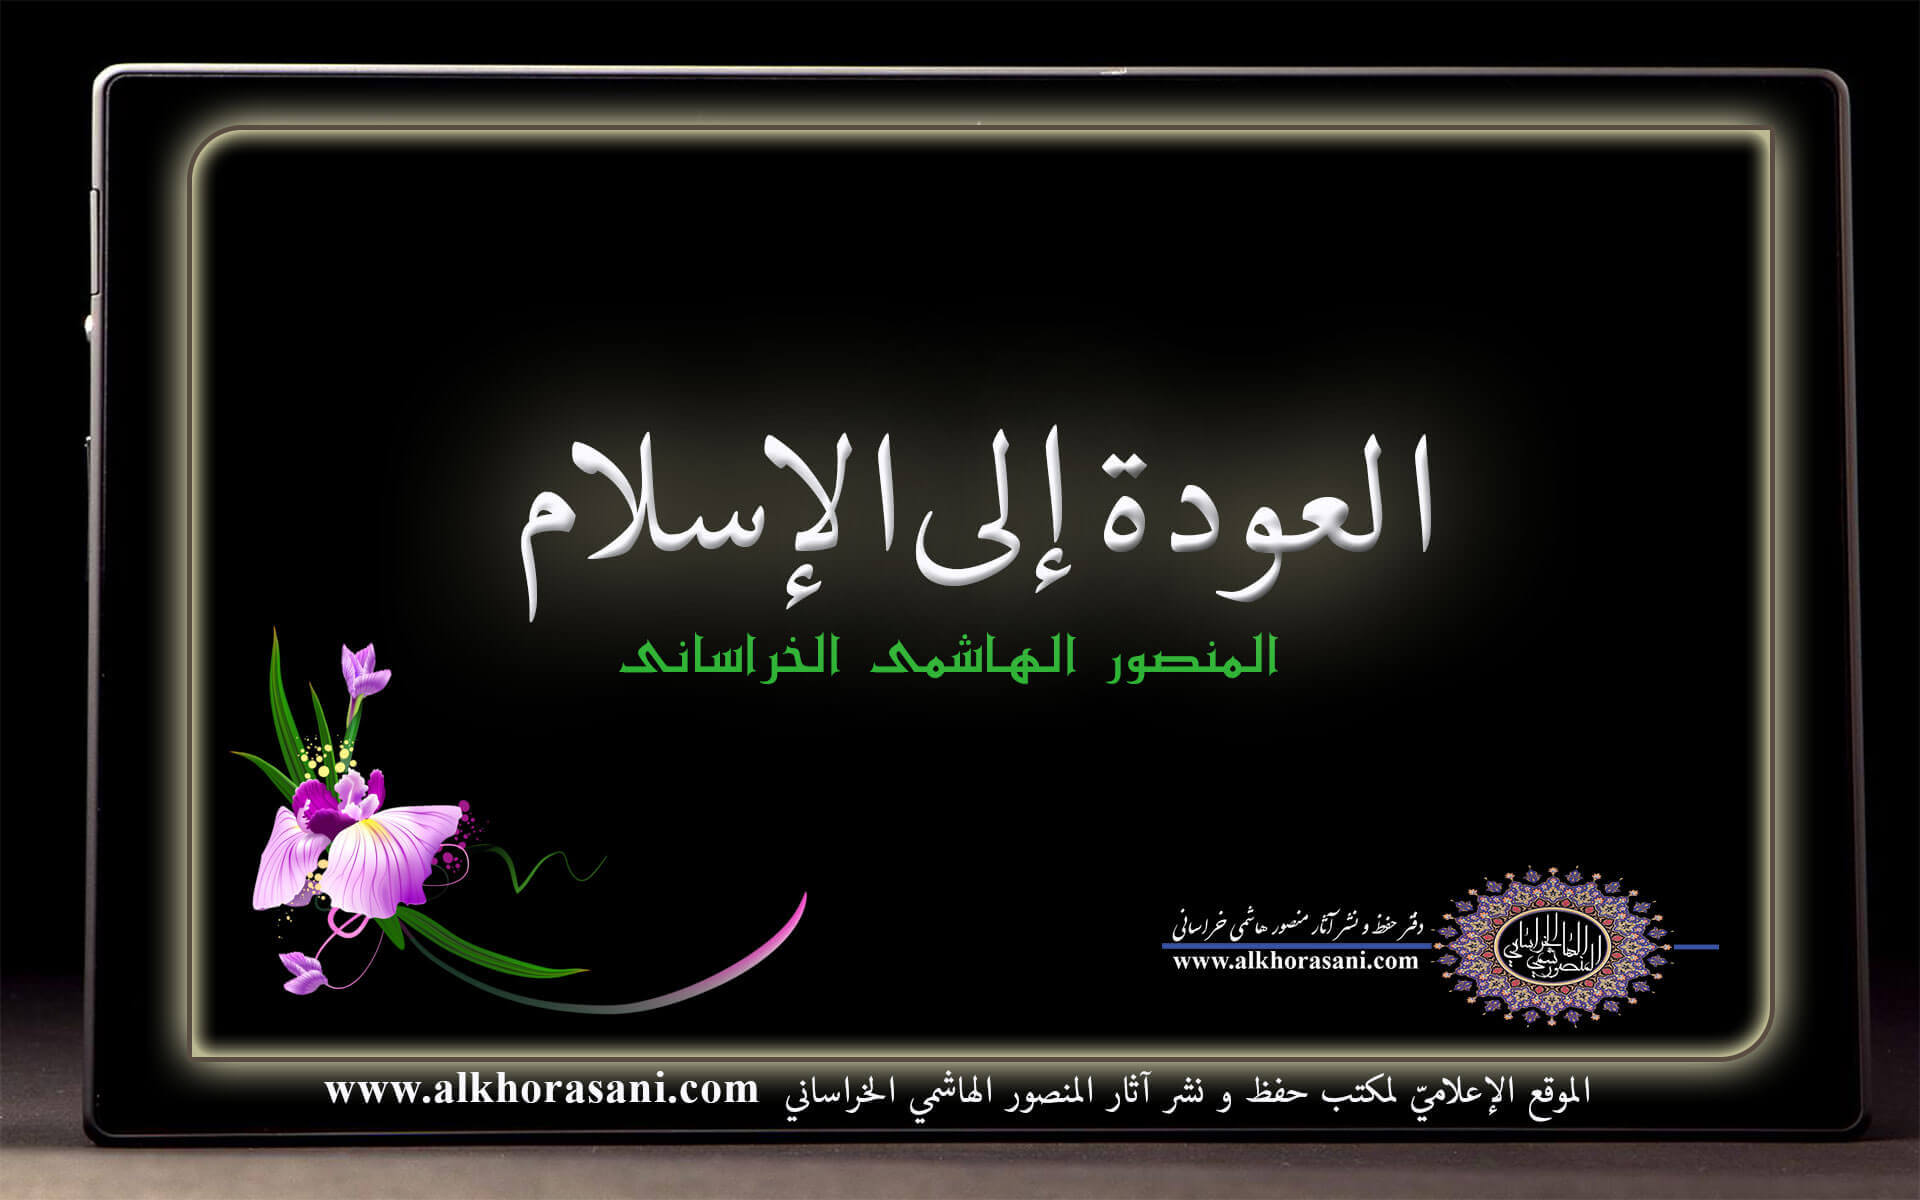 العودة إلی الإسلام